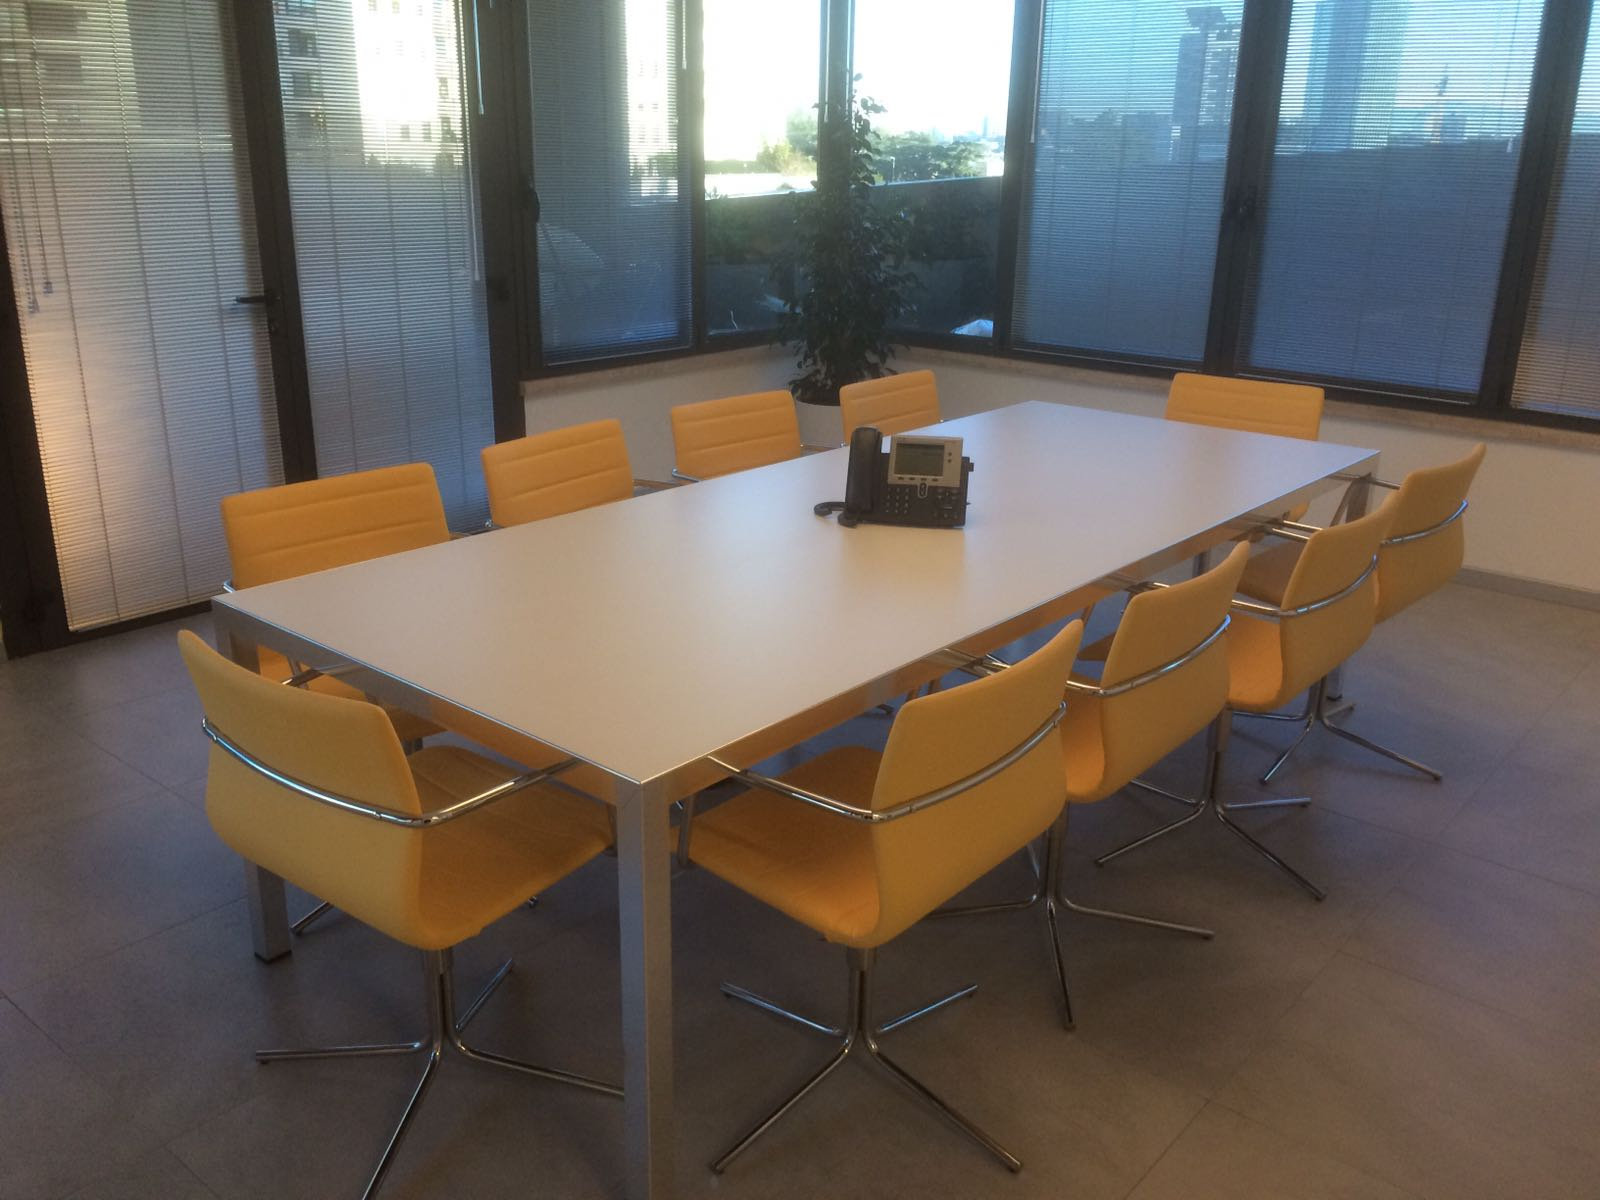 Arredamento Ufficio Roma : Progetto arredo open space roma chiquita sistema ufficio